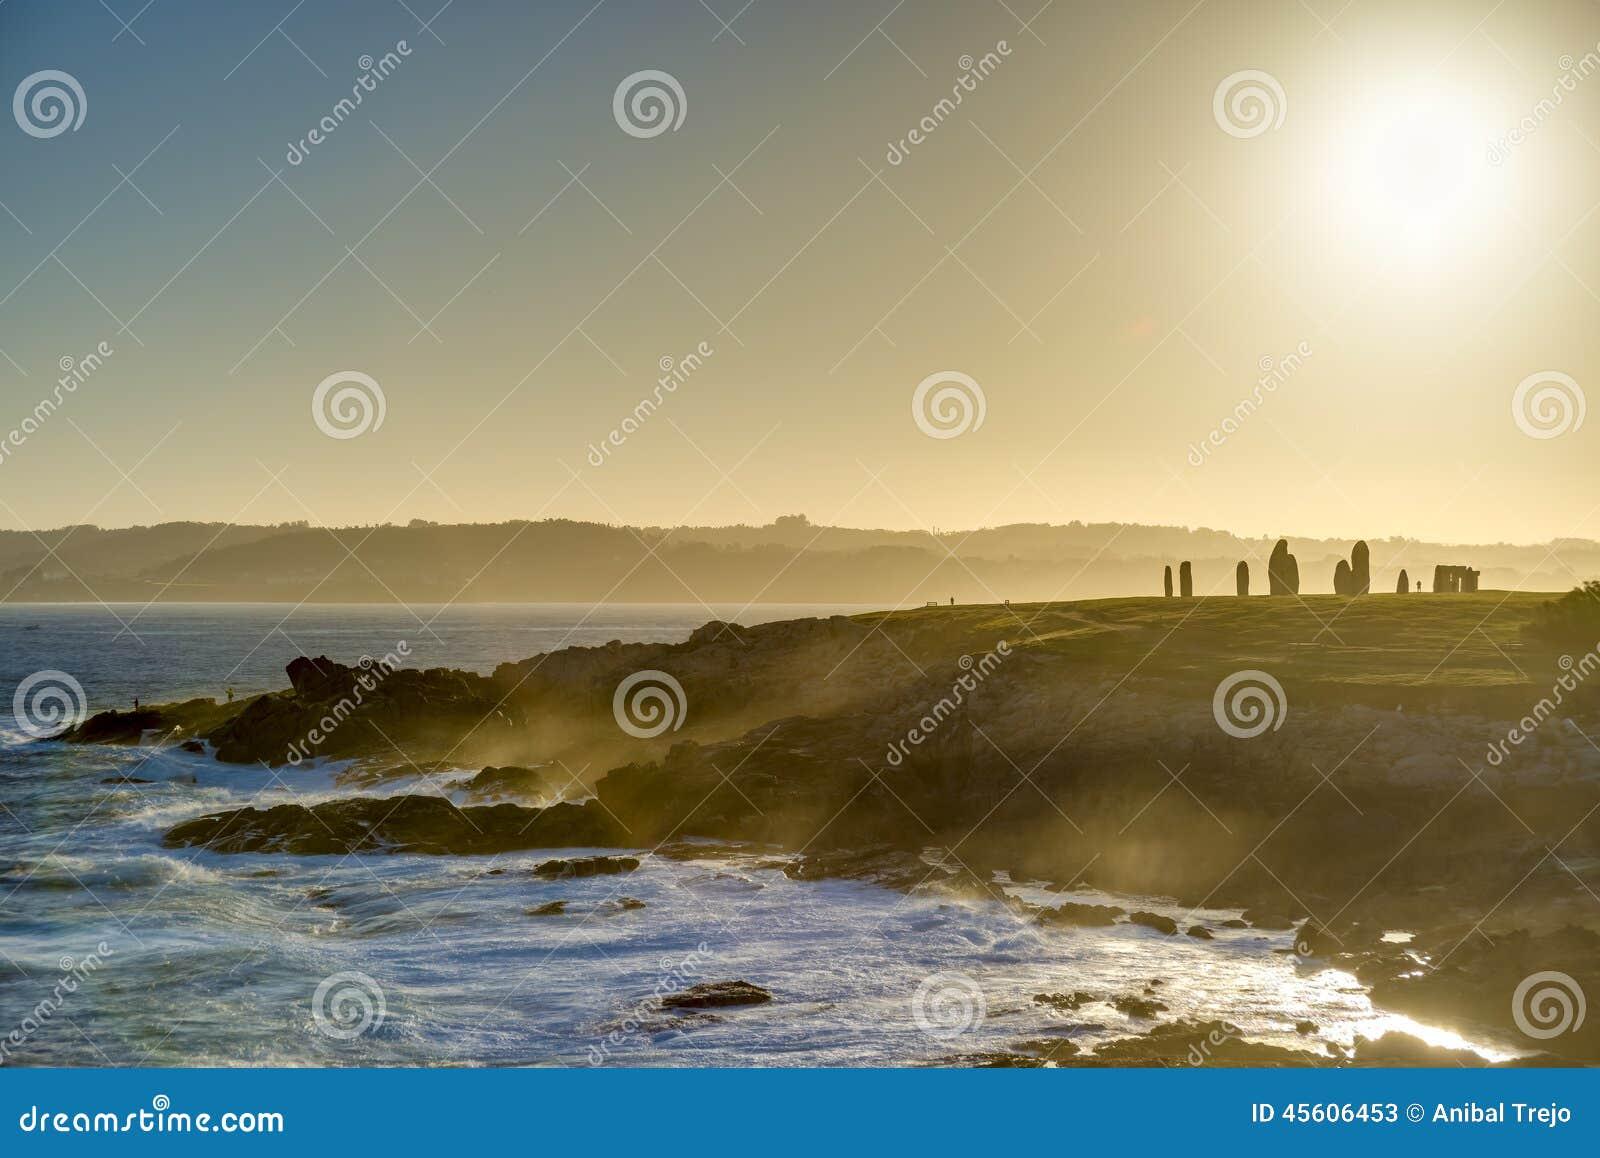 Coruña pies en galicia 9560